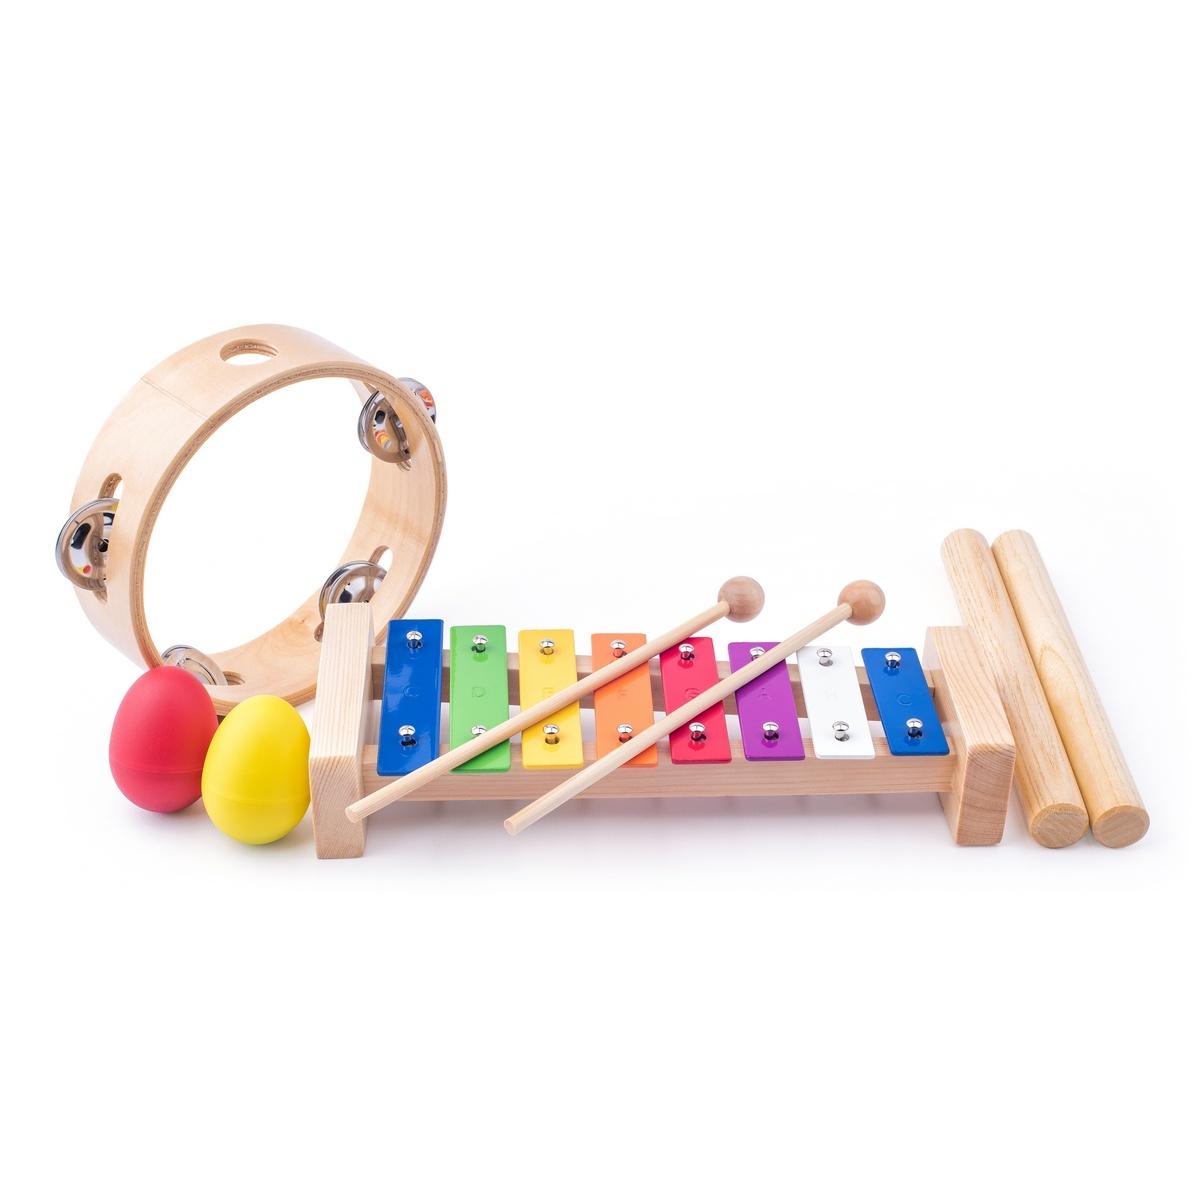 Woody Sada hudebních nástrojů, 5 ks